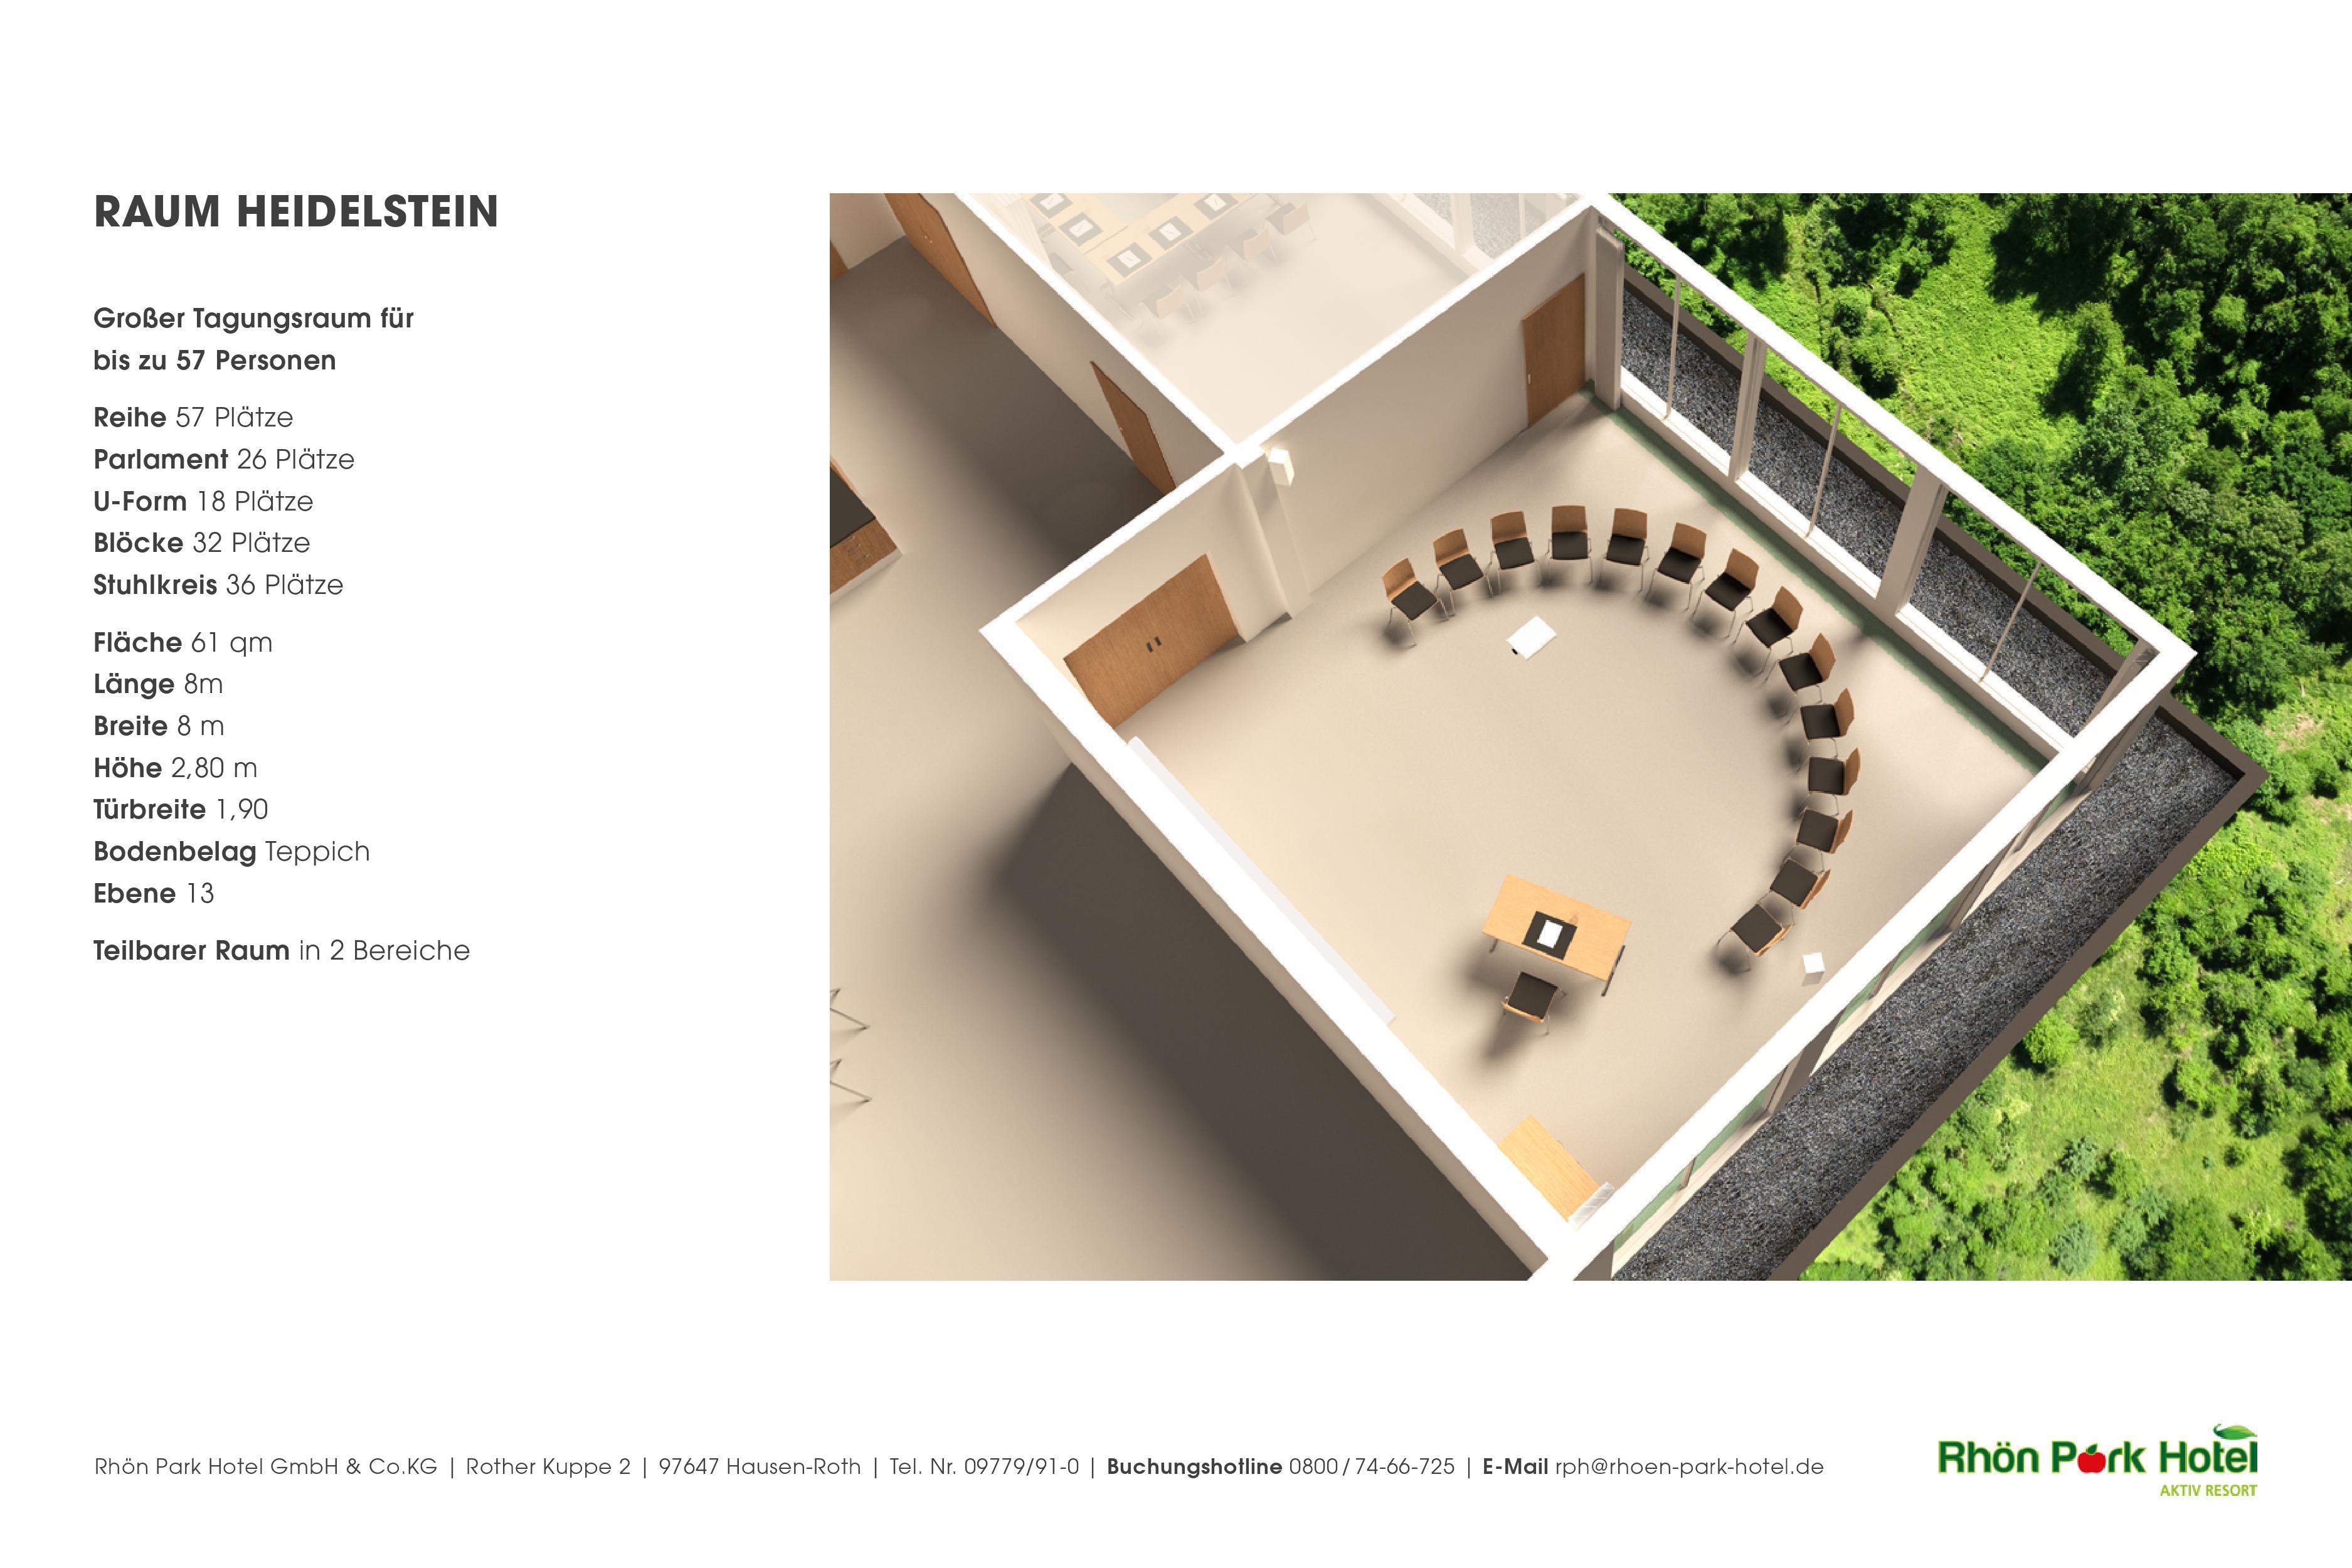 Rhön Park Hotel-Tagungsraum Heidelstein 3D-Ansicht | Rhön Park Hotel